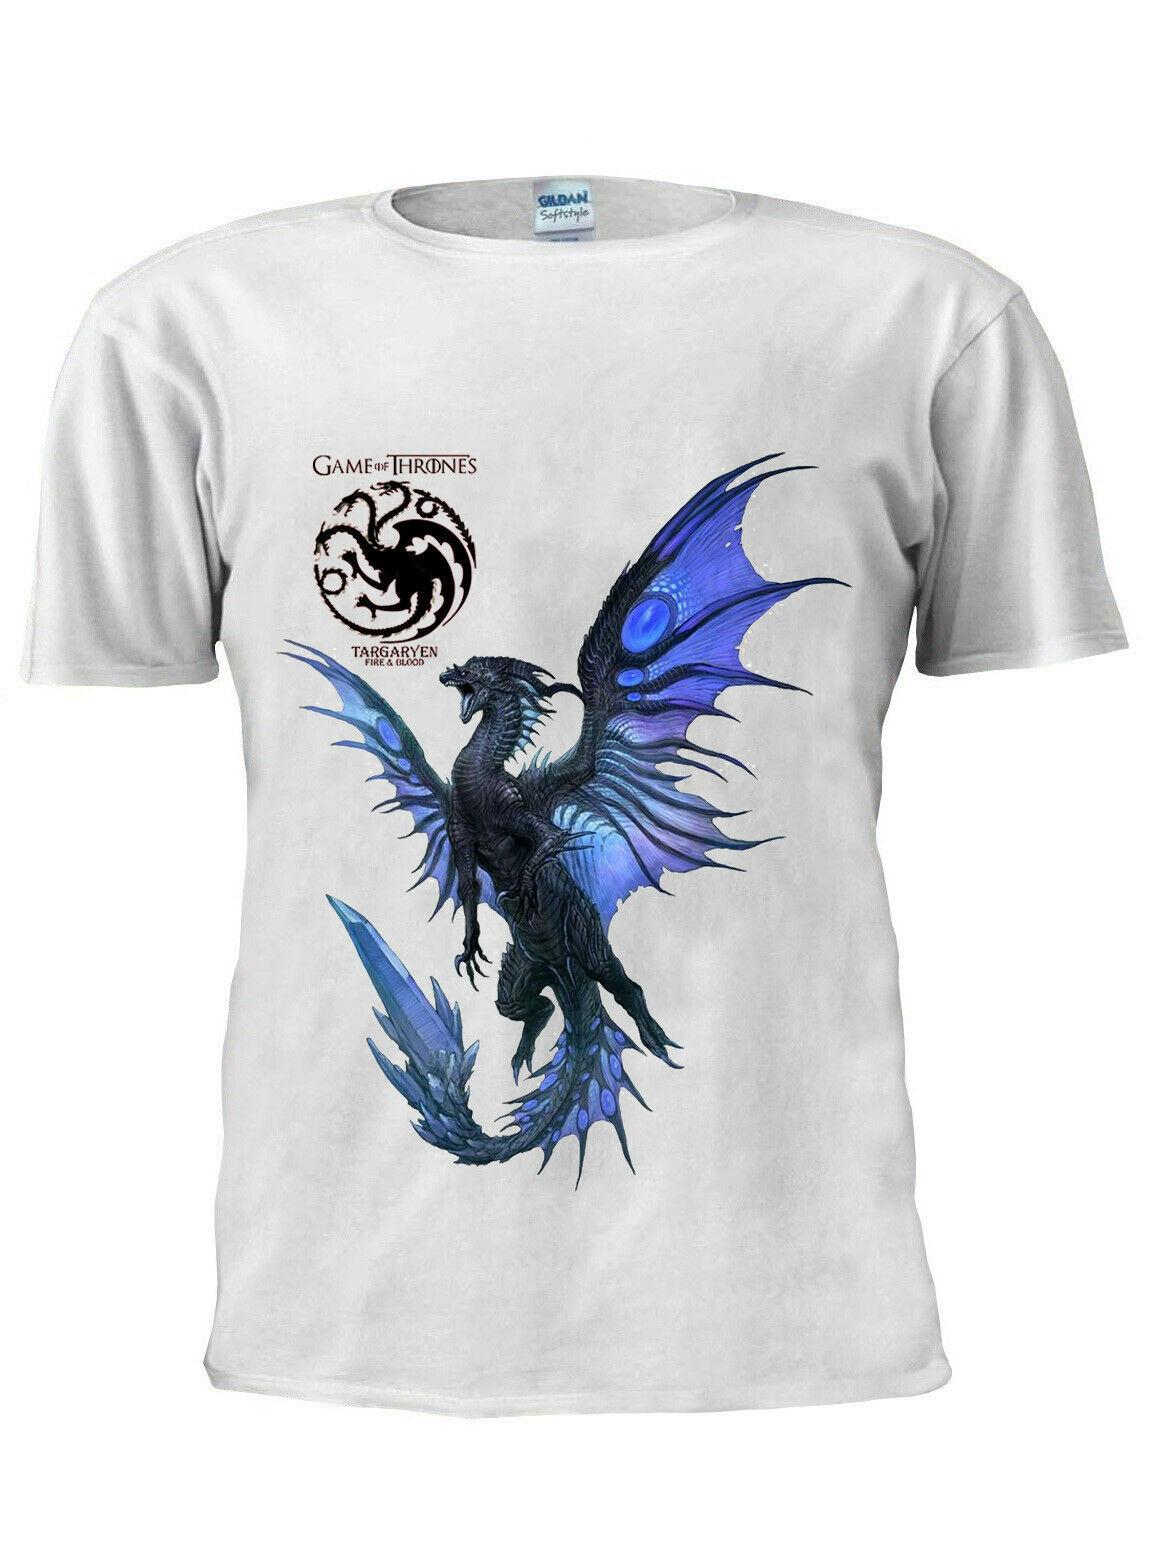 T-Shirt Game OF Thrones Targaryen Dragon hommes femmes T-Shirt unisexe M207